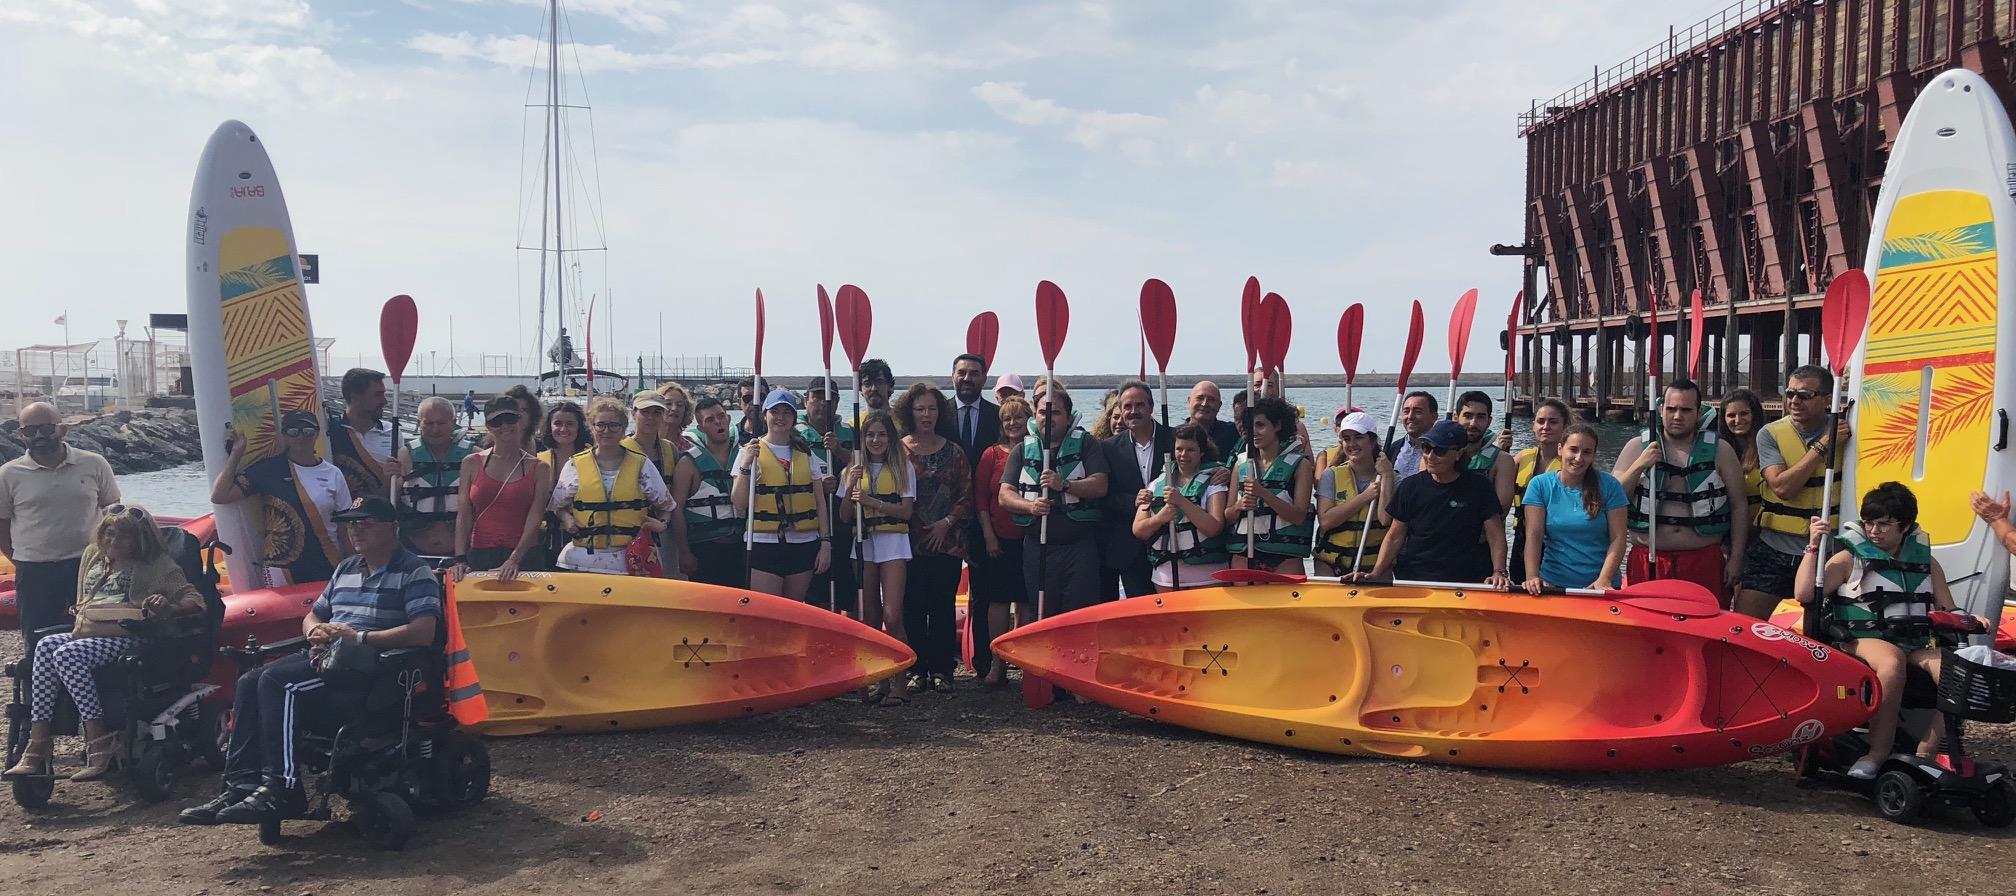 La Junta pone en marcha en Almería un proyecto piloto de deporte inclusivo en modalidades náuticas